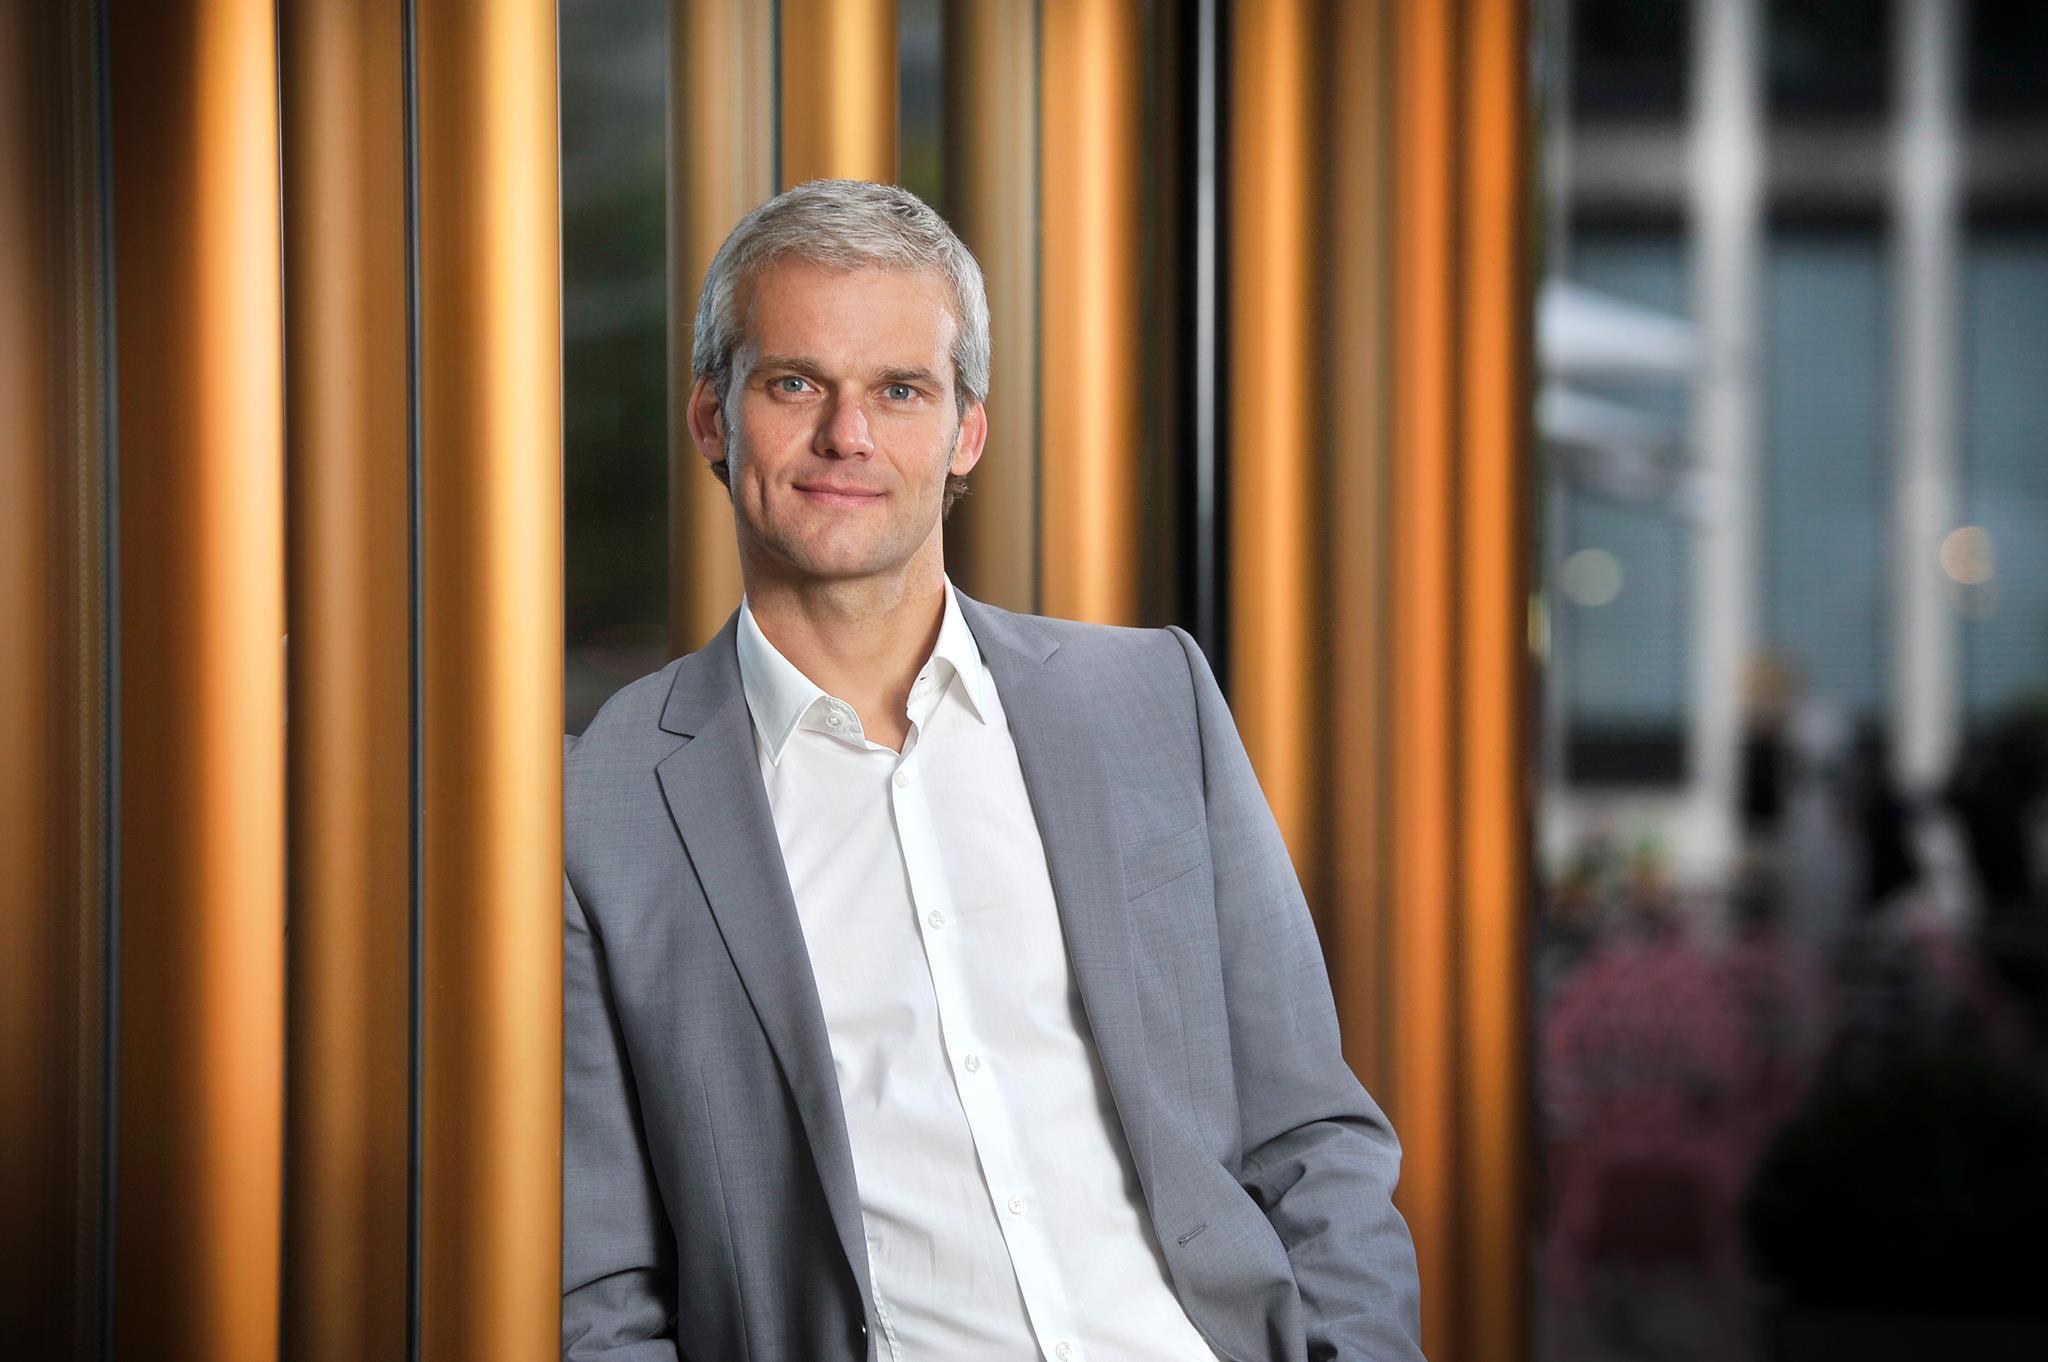 Thorsten Schroeder